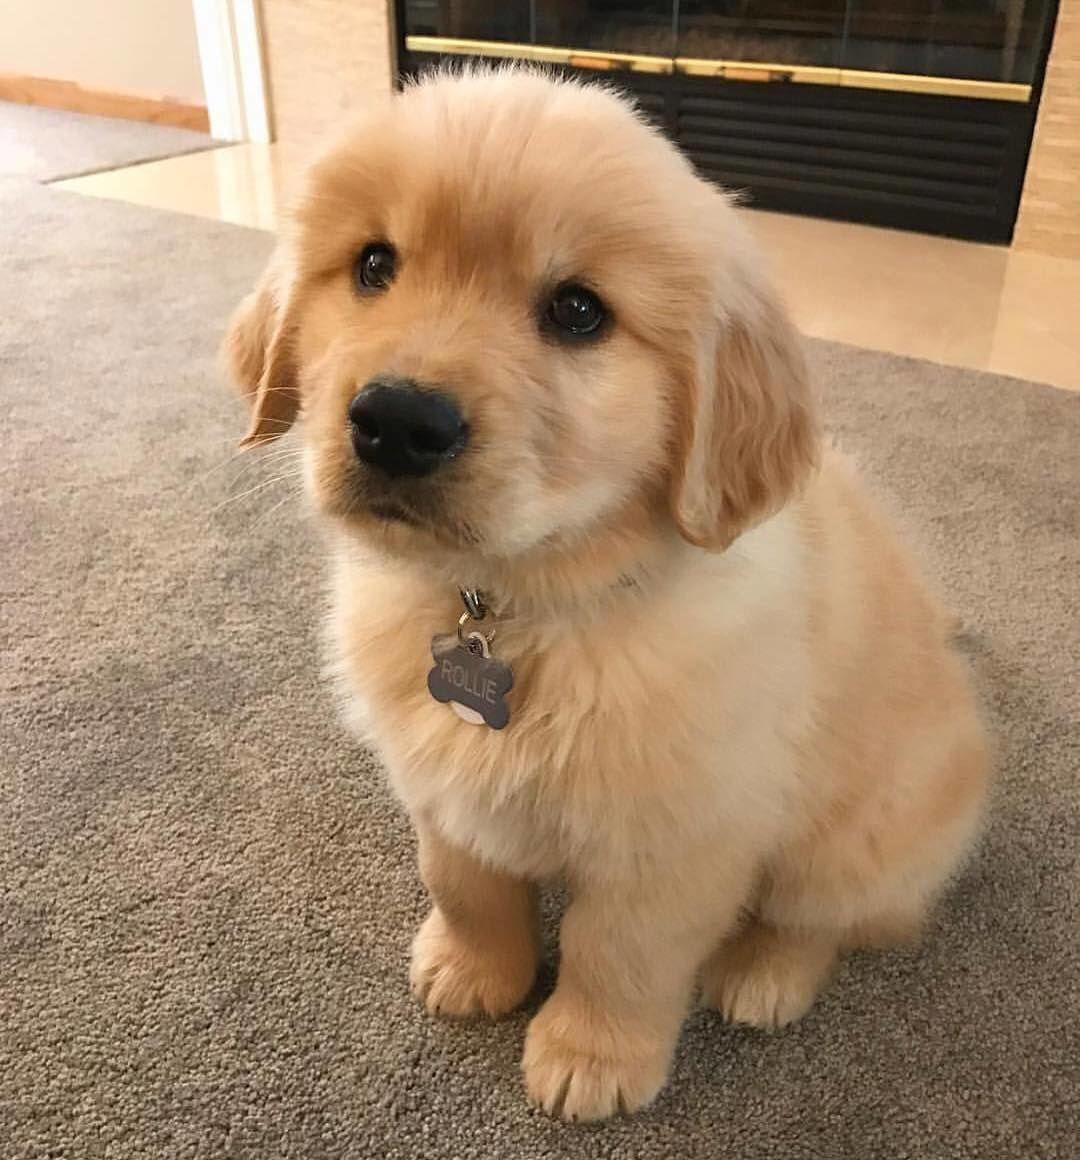 Comment Eduquer Son Chien En Seulement 15 Mins Par Jour Petohaku A Pour But De Vous Donner Tous Les Outils Pour Vous F Cute Puppies Cute Baby Animals Puppies